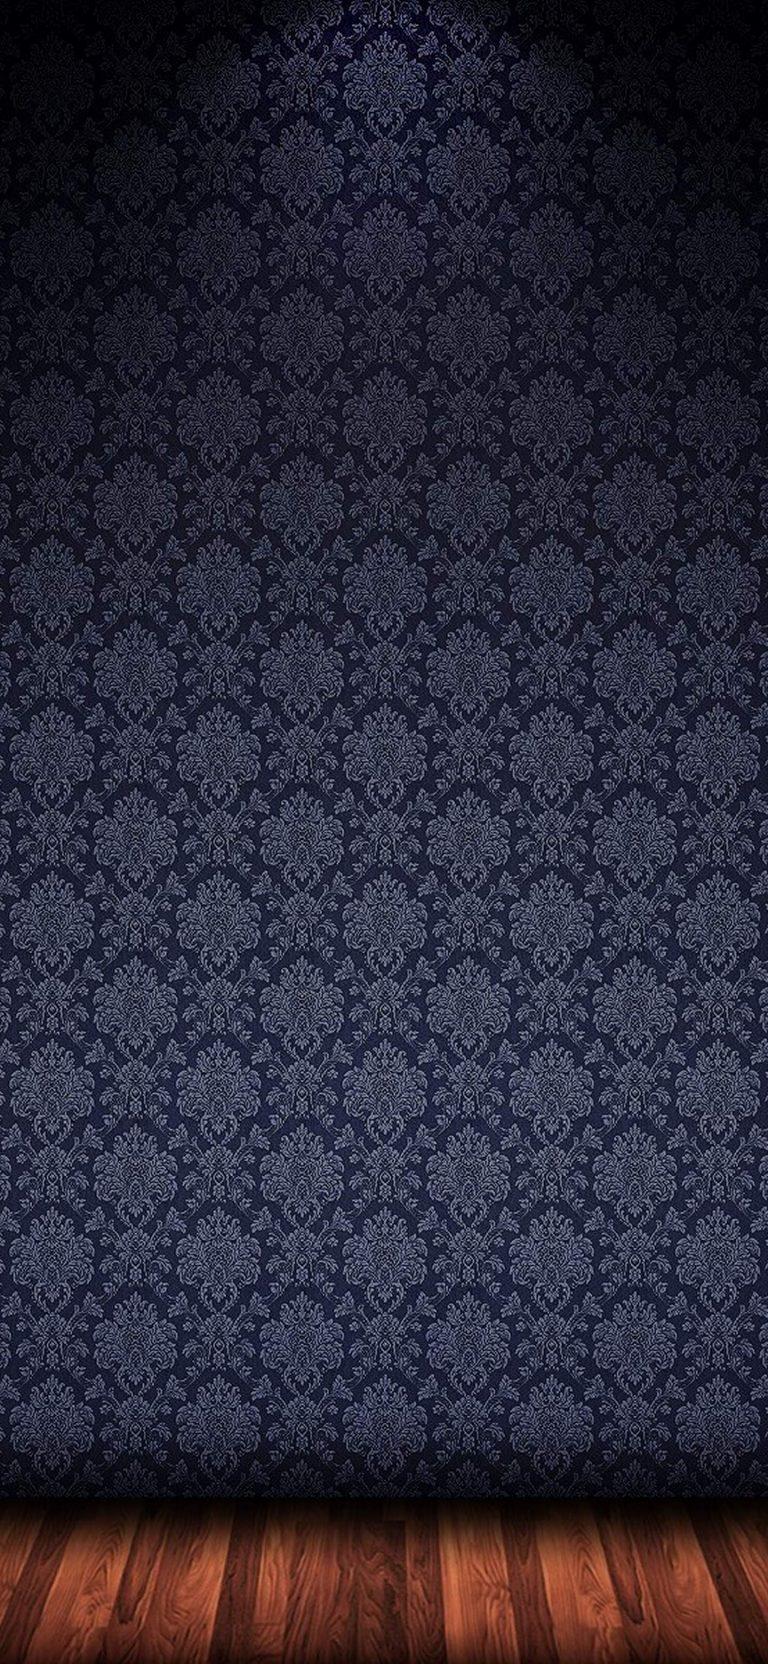 1440x3120 Wallpaper 081 768x1664